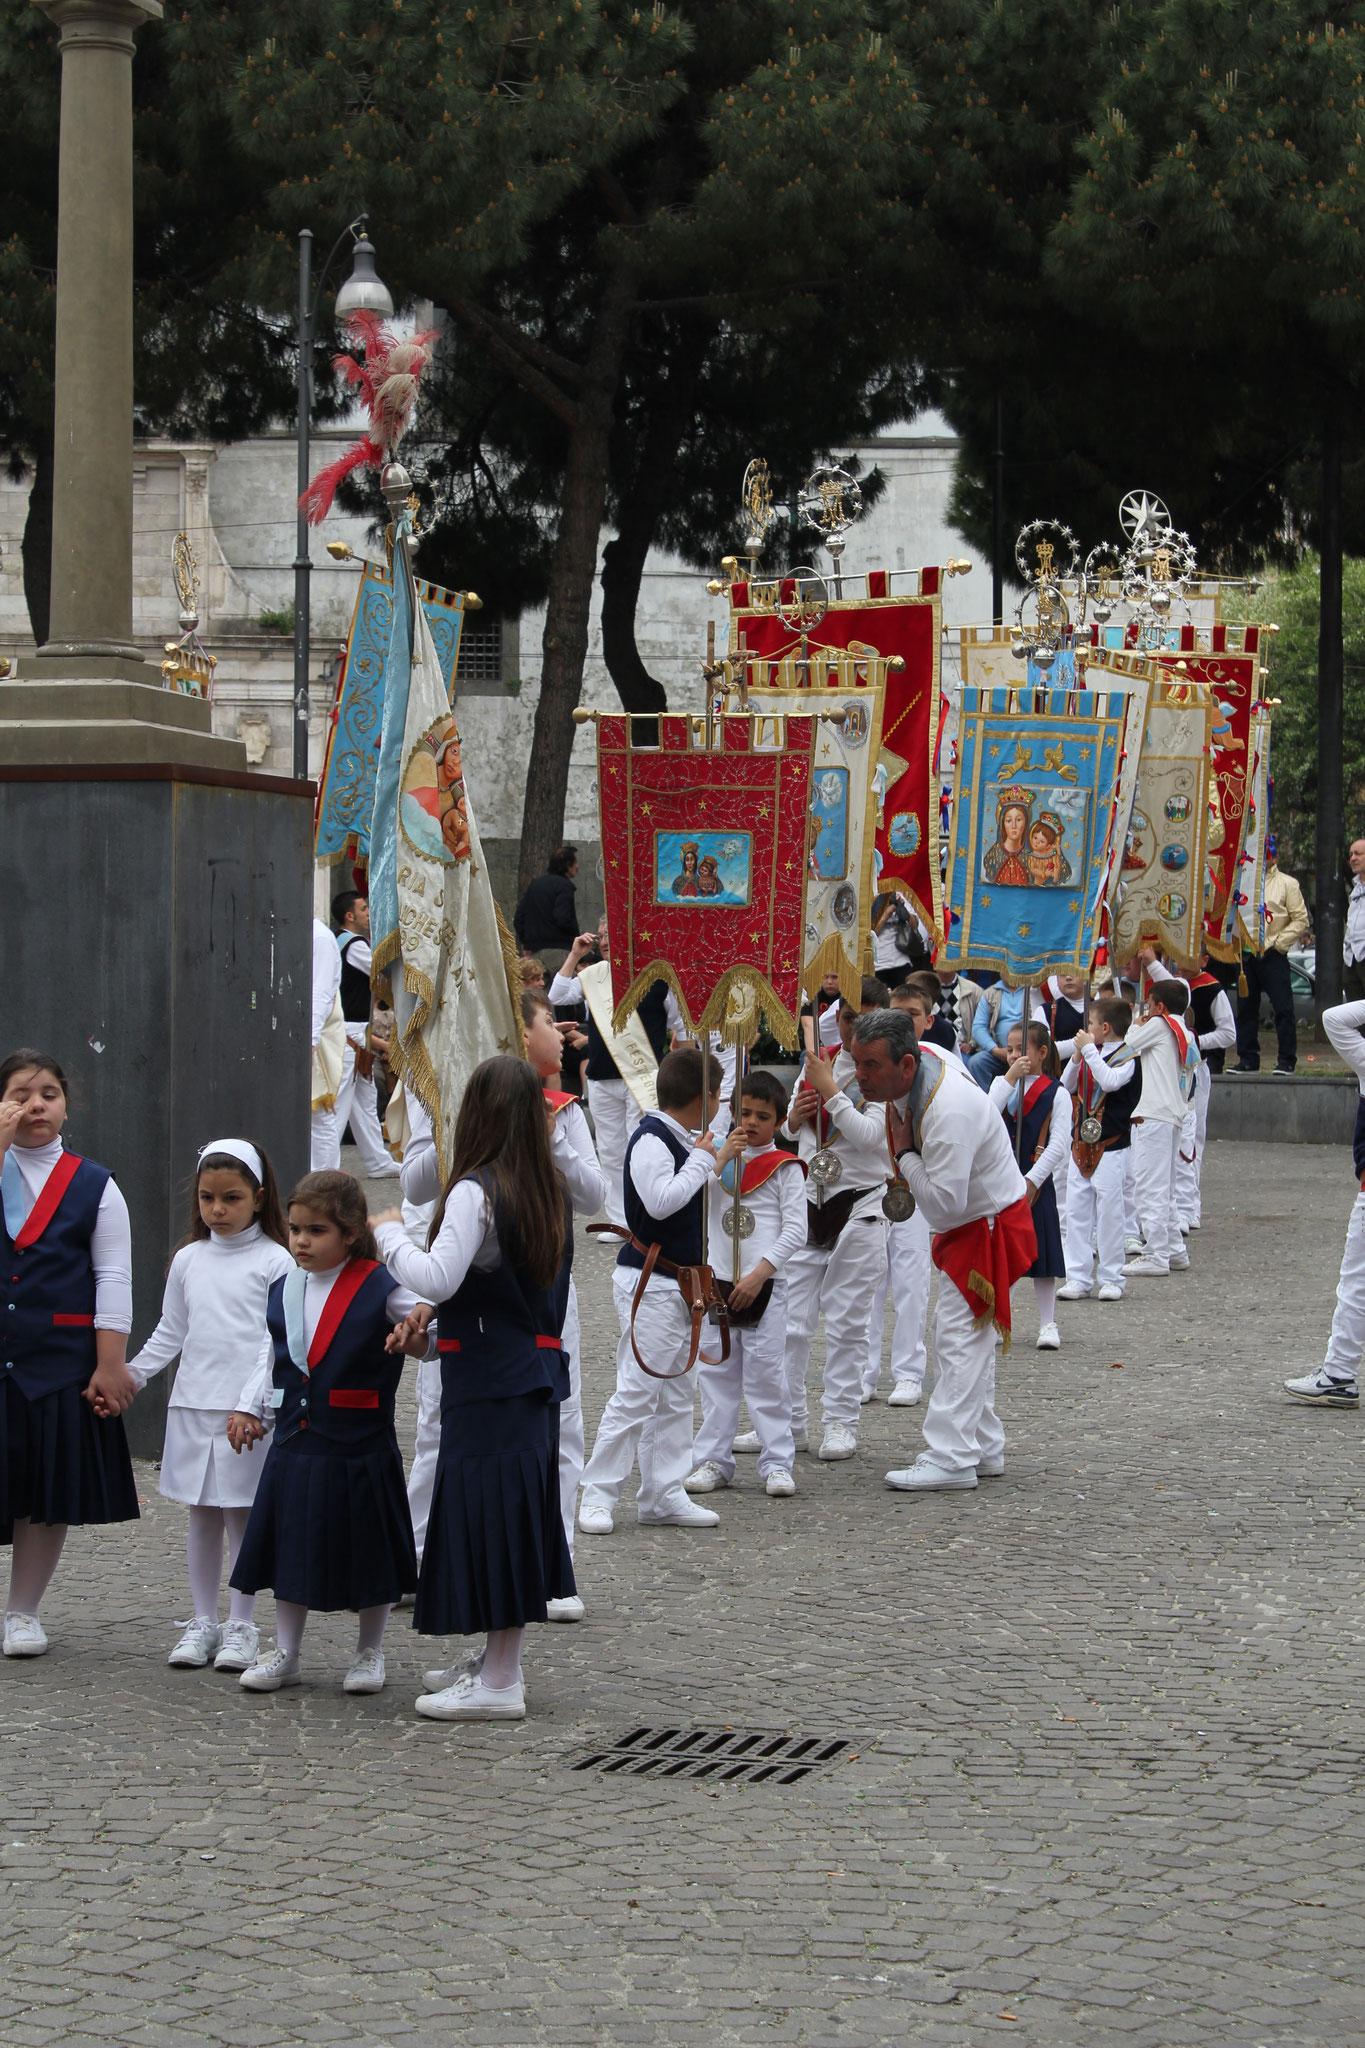 Treffen der Standartenträger auf einer Piazza in der Altstadt von Neapel